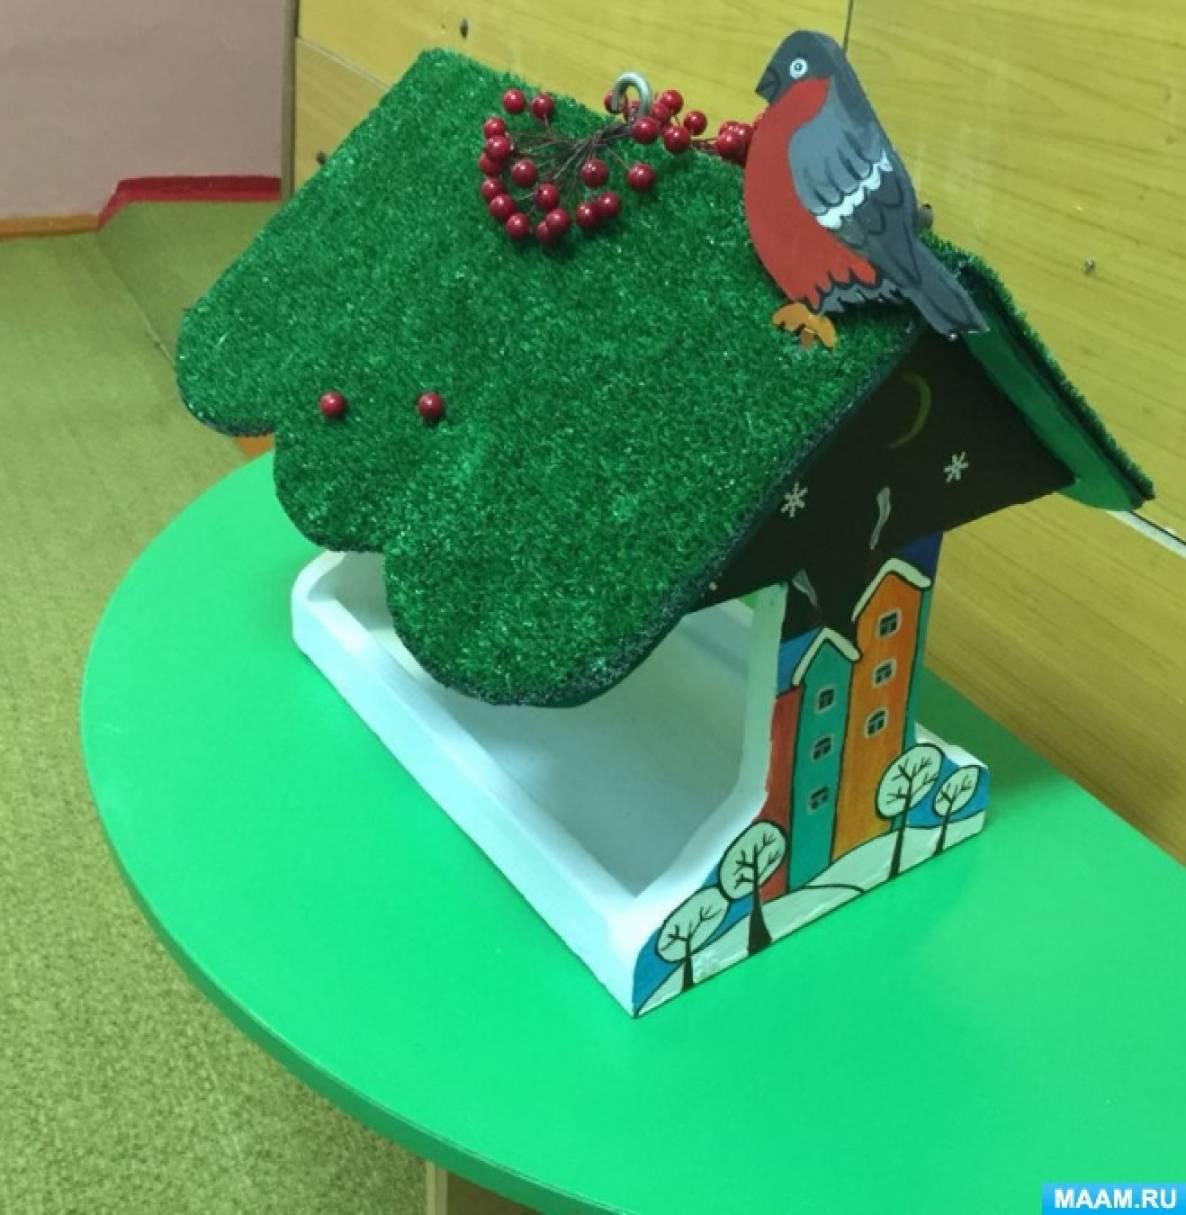 Фотоотчёт о конкурсе «Лучшая кормушка для птиц»